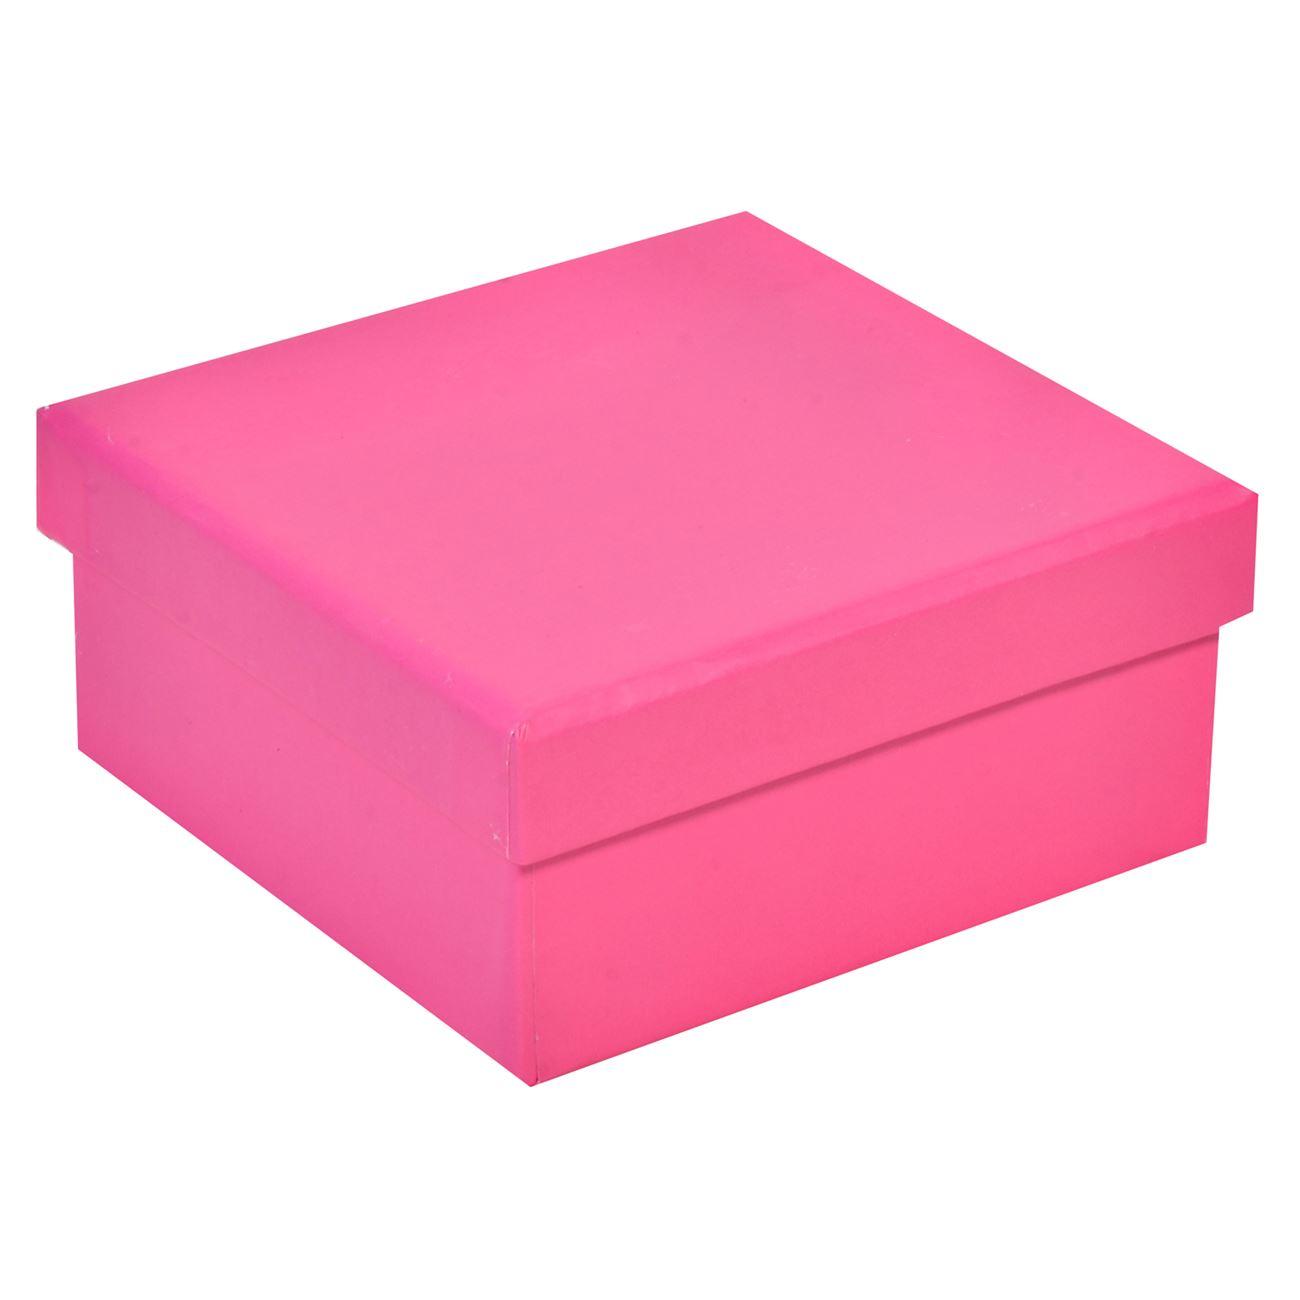 Κουτί Συσκευασίας Χάρτινο Φούξια 8x8x4.5   Κουτιά Χάρτινα Μίνι  5dbdb761946